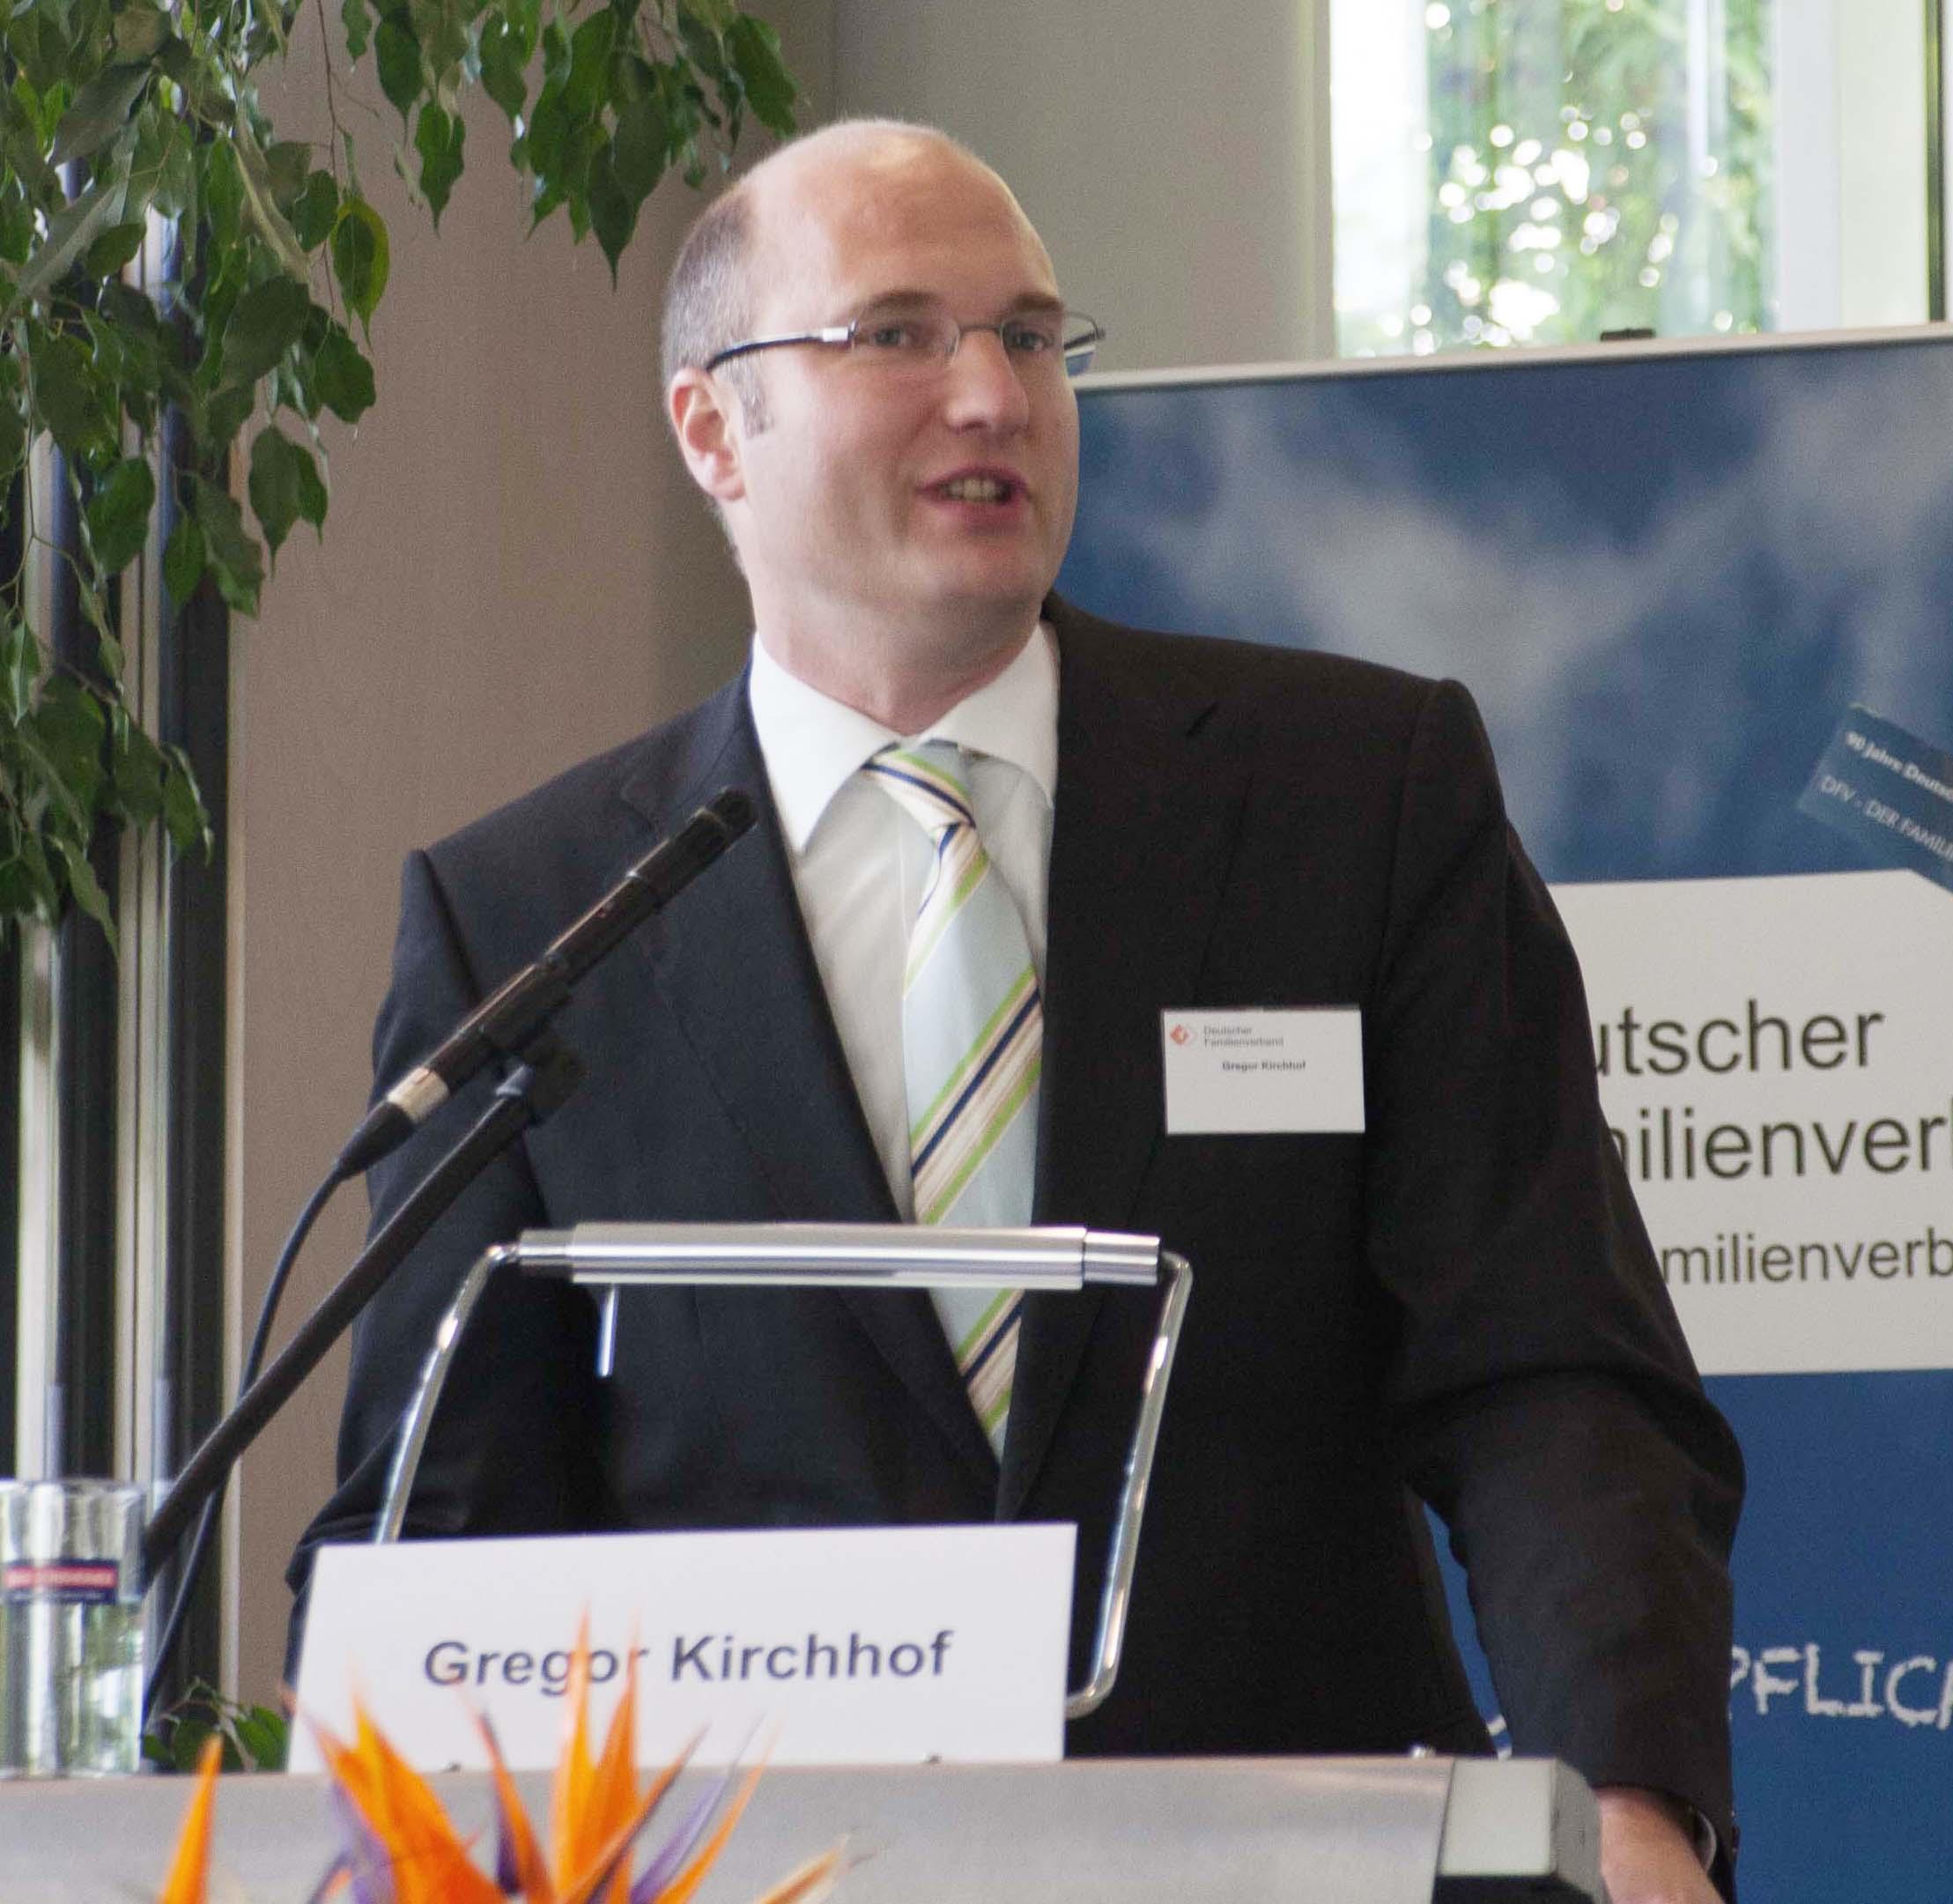 Gregor_Kirchhof